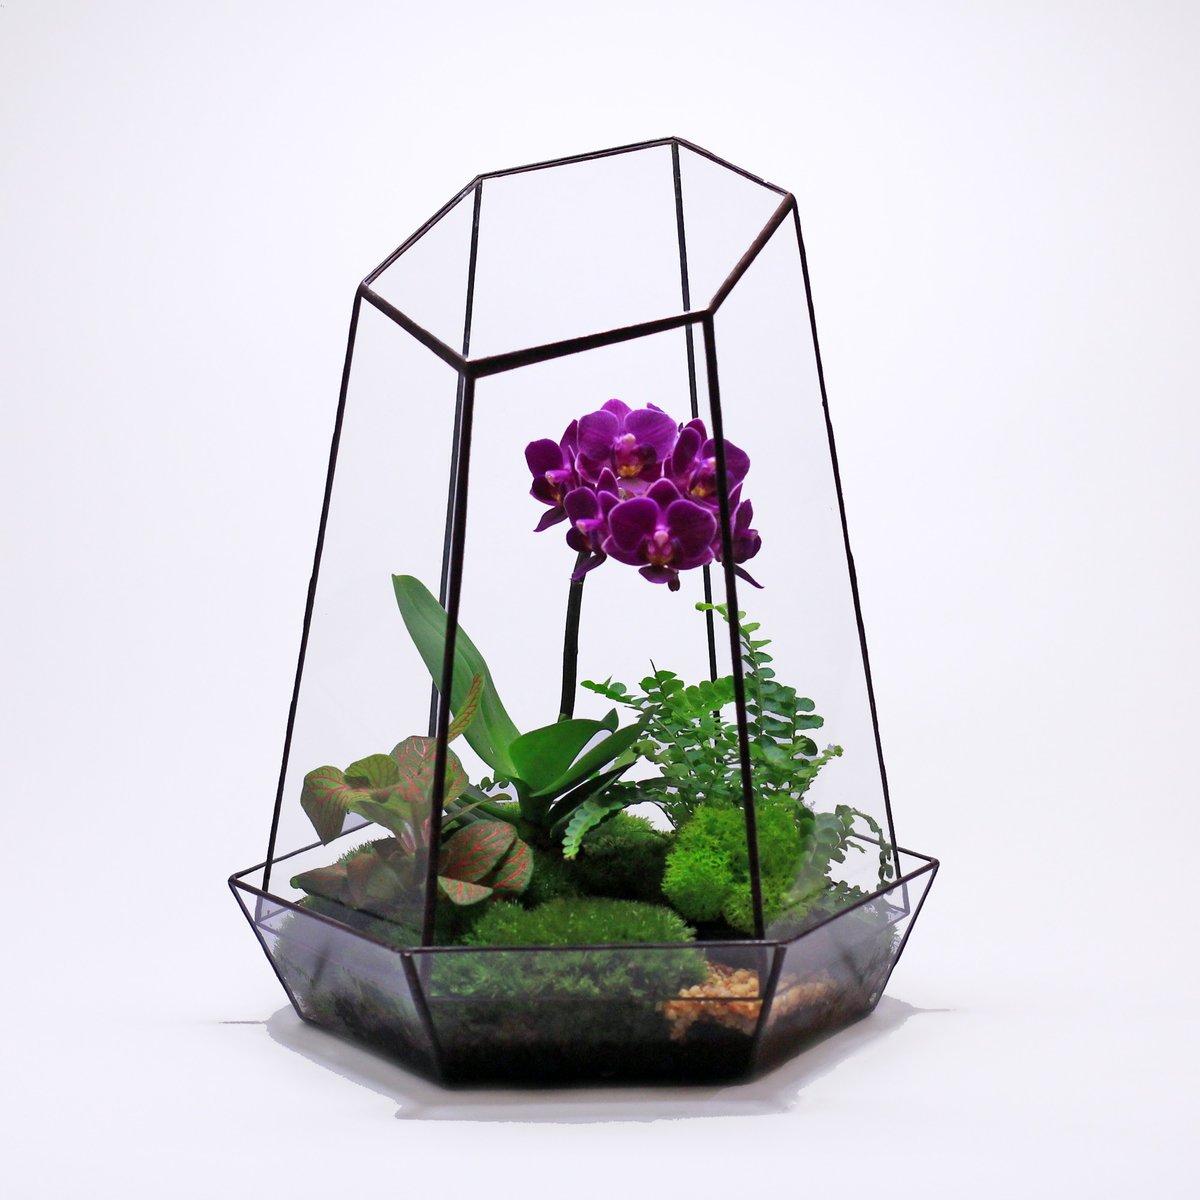 Как сделать флорариум для орхидей своими руками 92